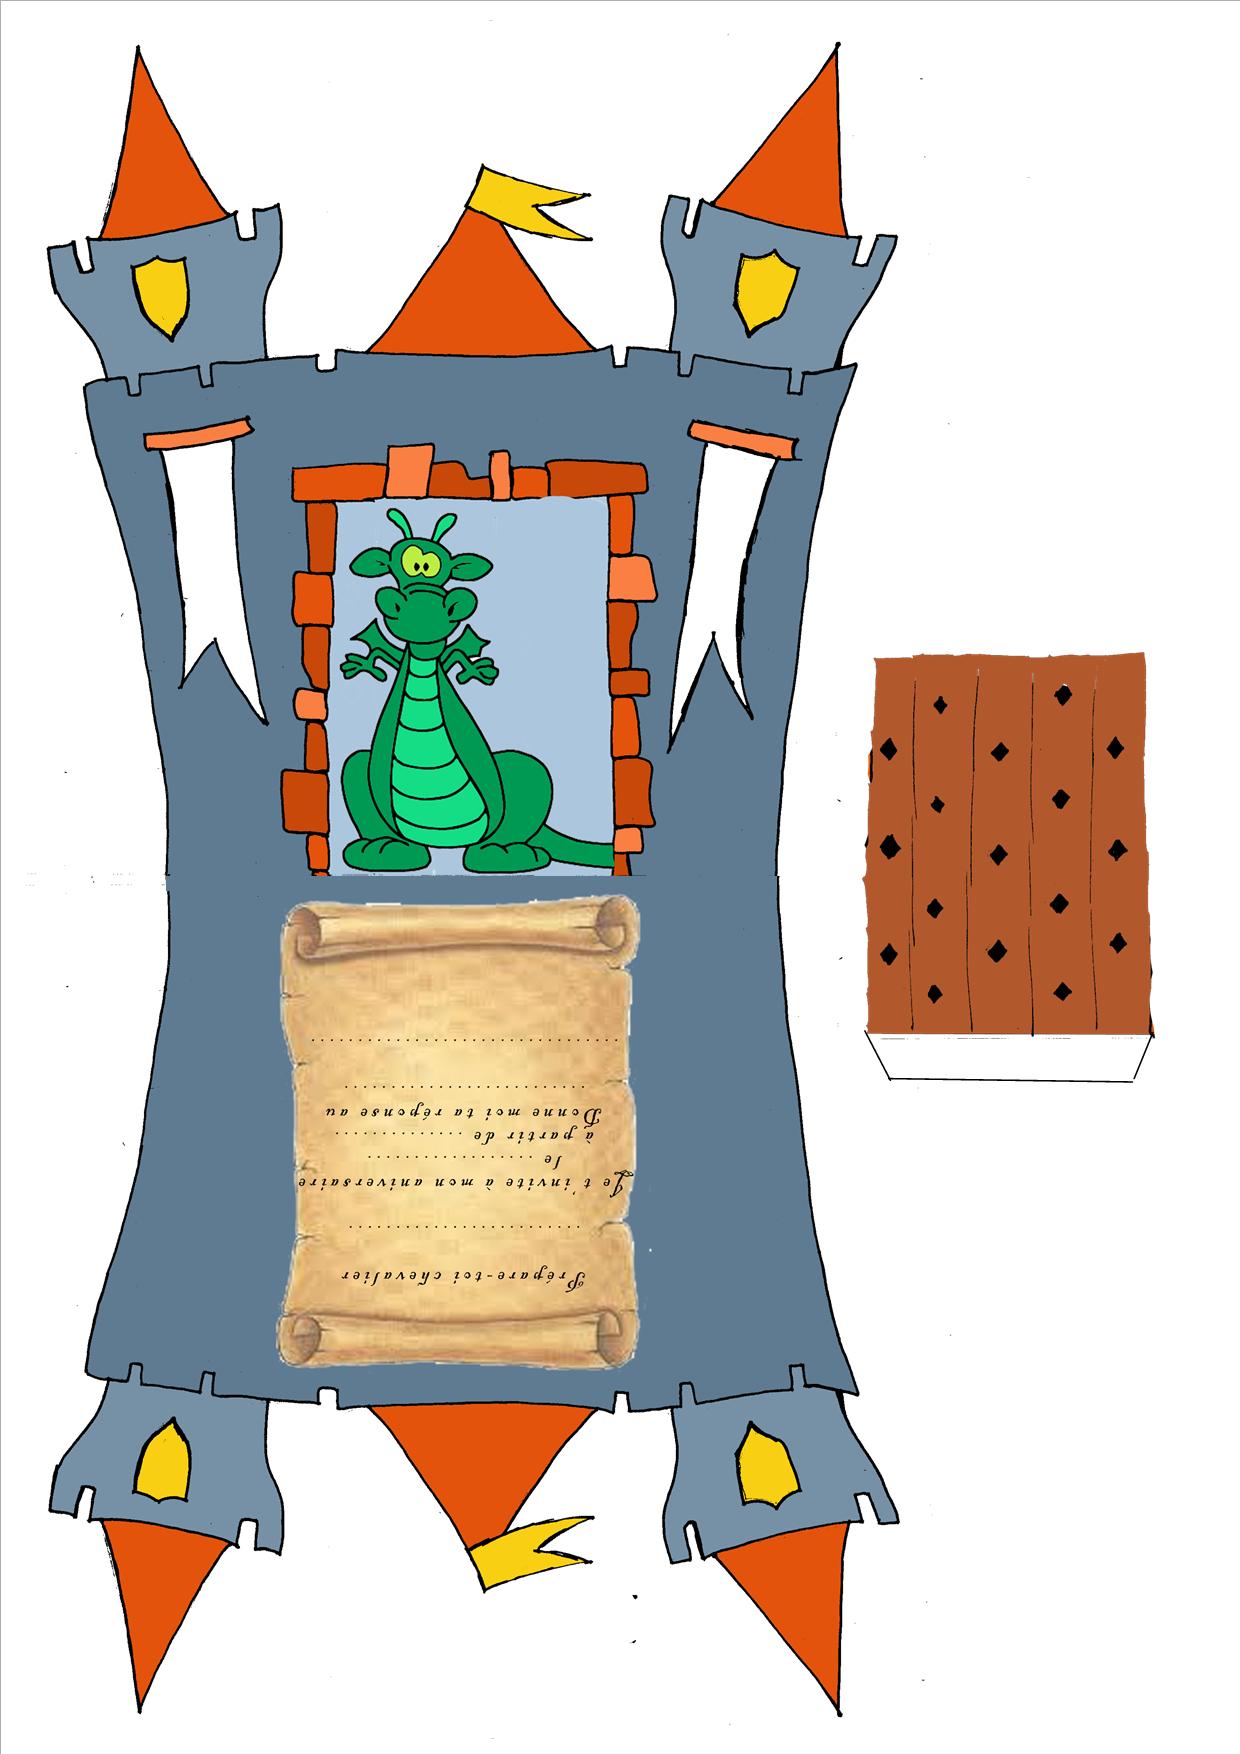 Anniversaire des chevaliers - tutoriels - L'atelier des farfadets